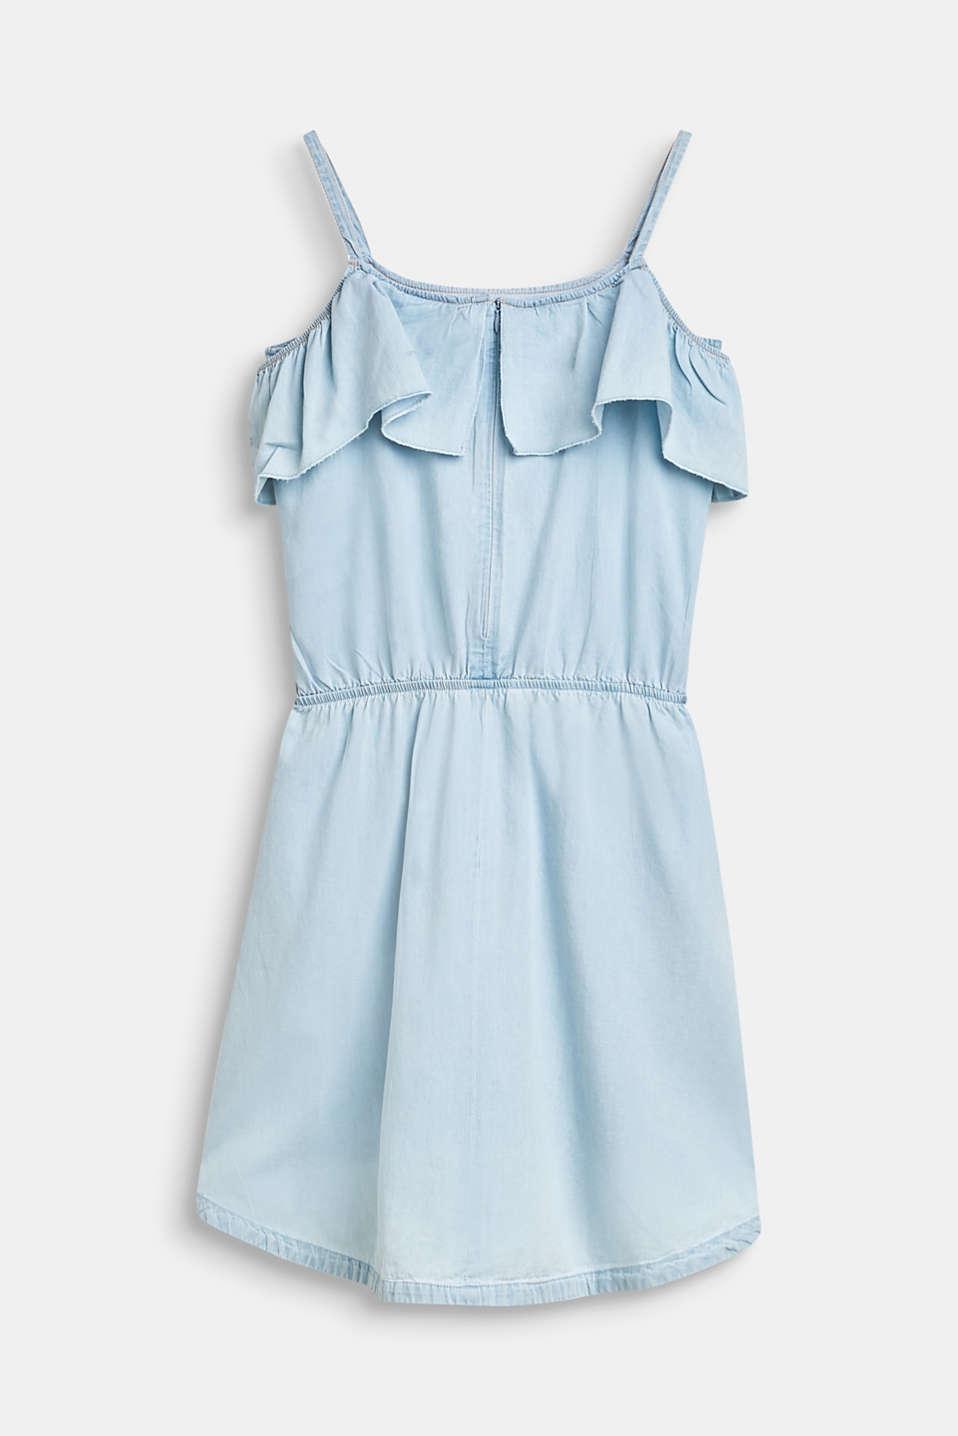 Dresses denim, LCBLUE LIGHT WAS, detail image number 1